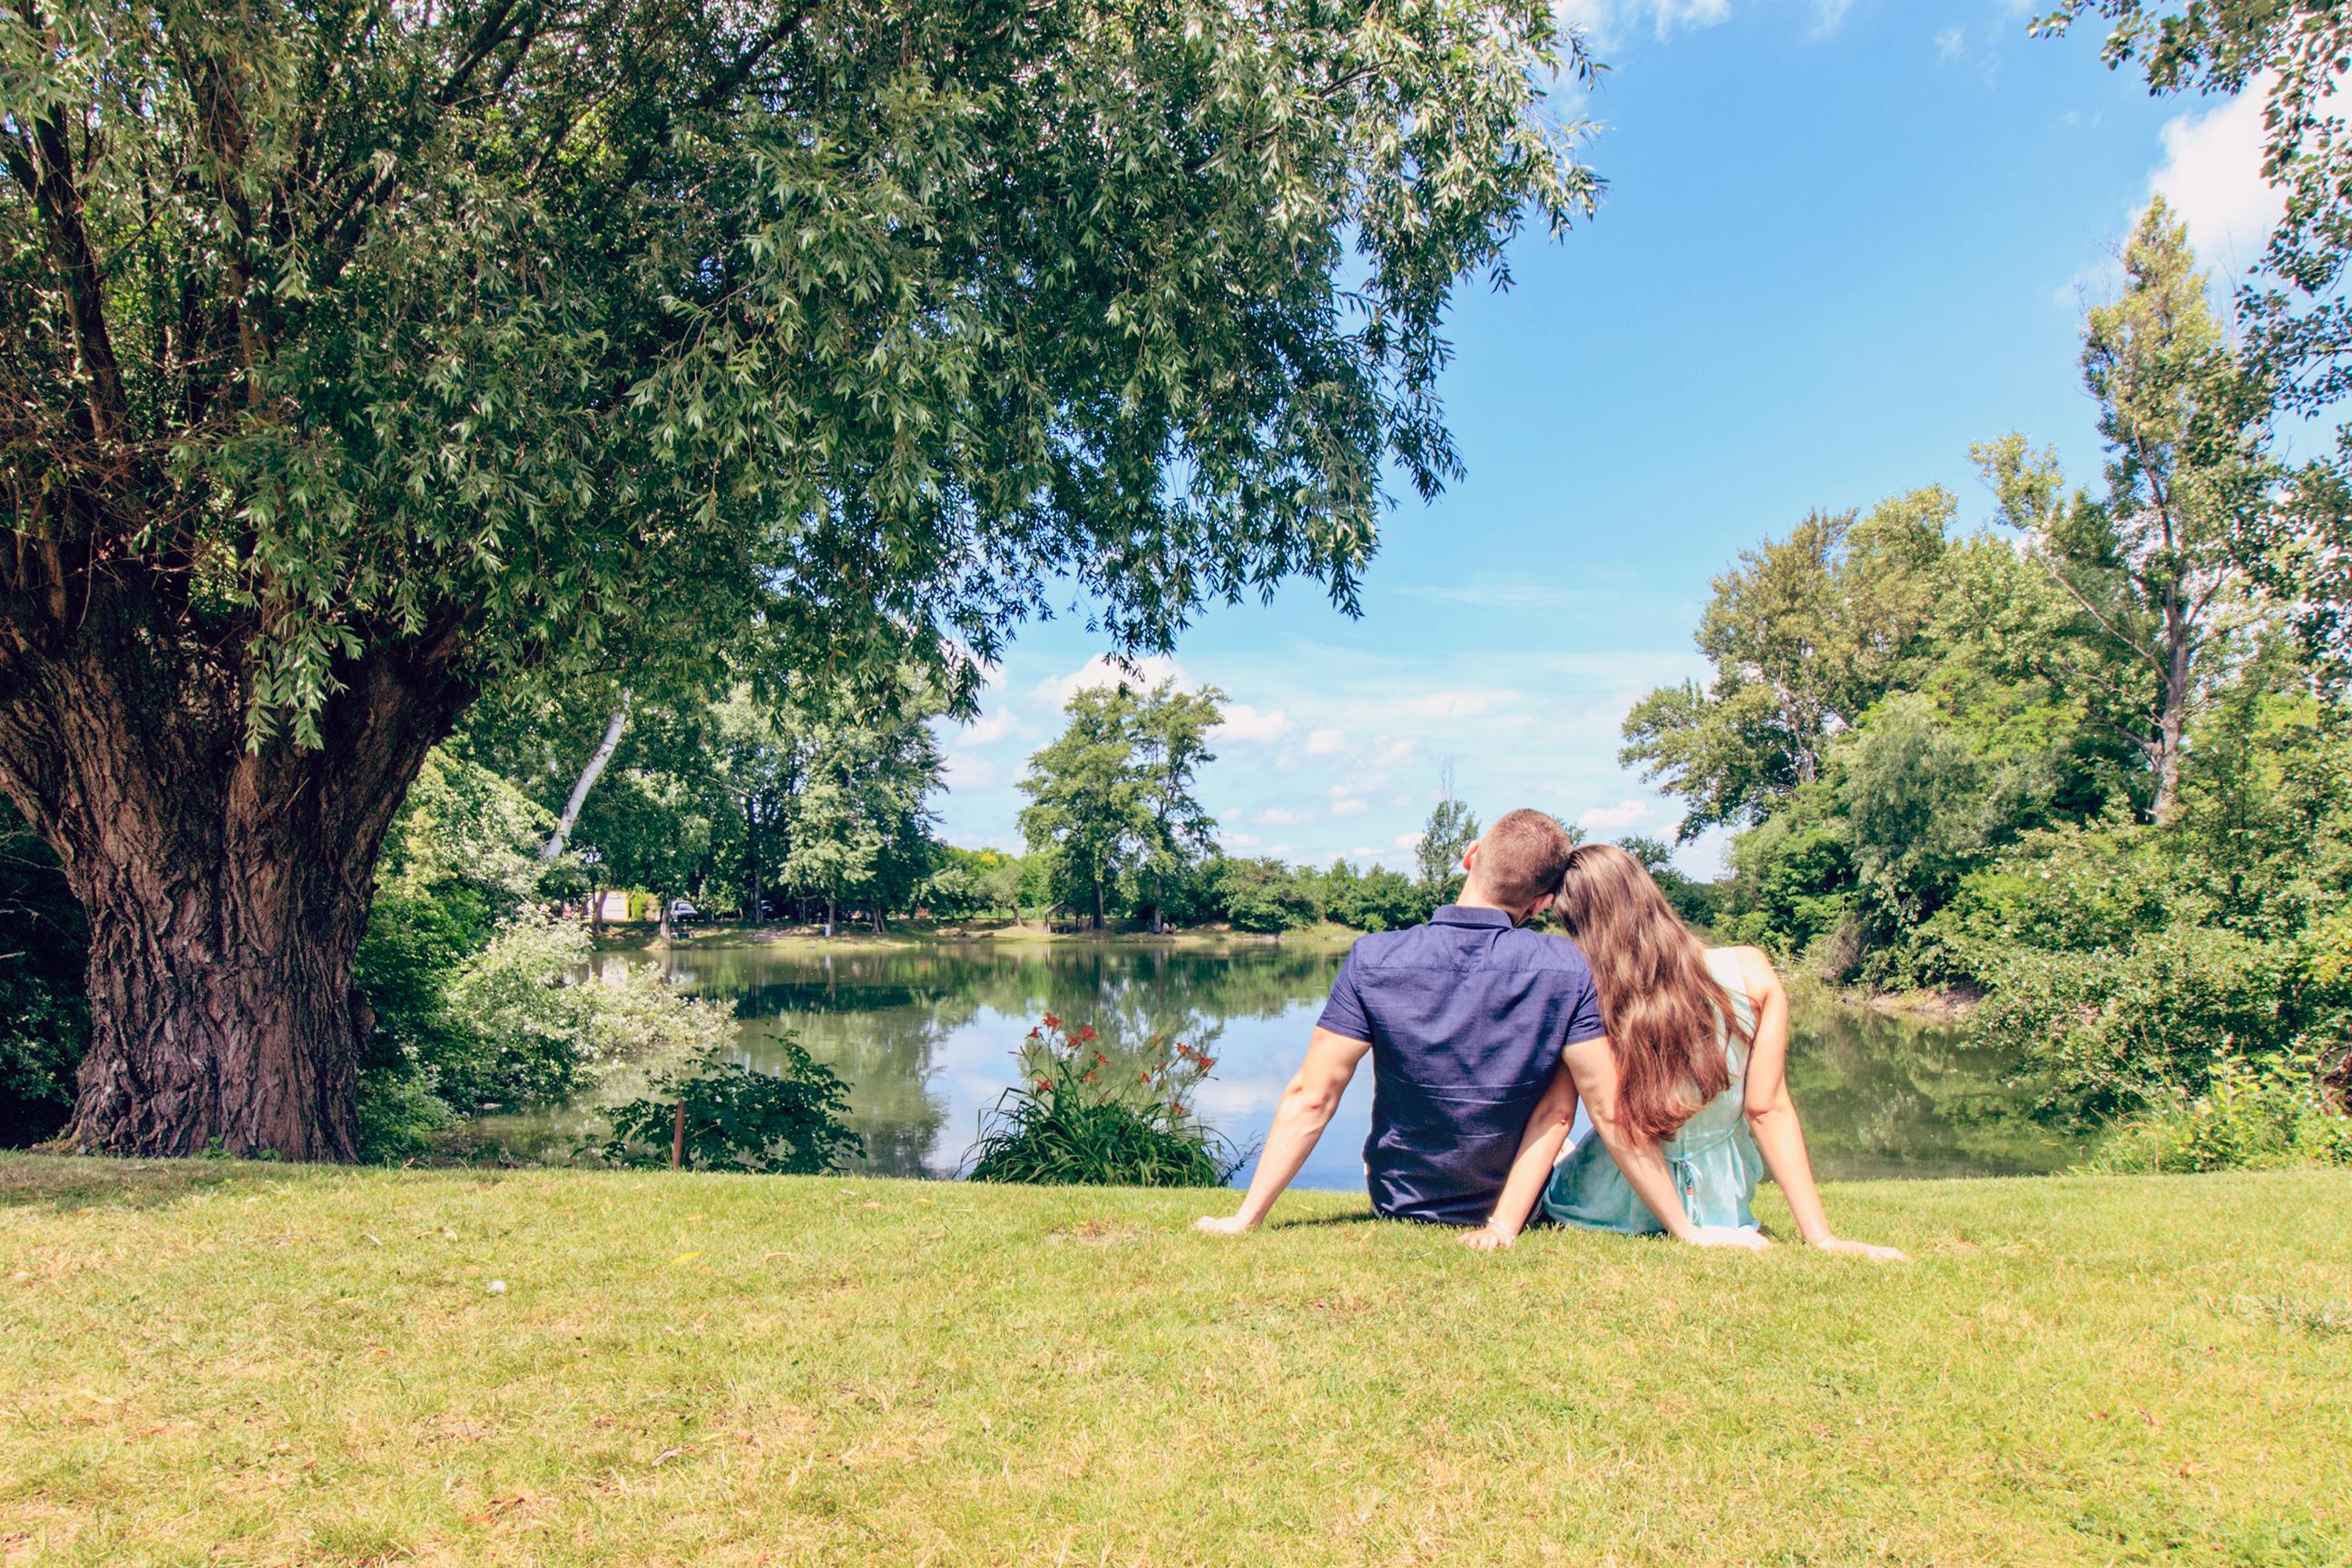 Rencontre Cougar Saint-Charles-la-Forêt 53170 : Milfs Et Femmes Mâtures